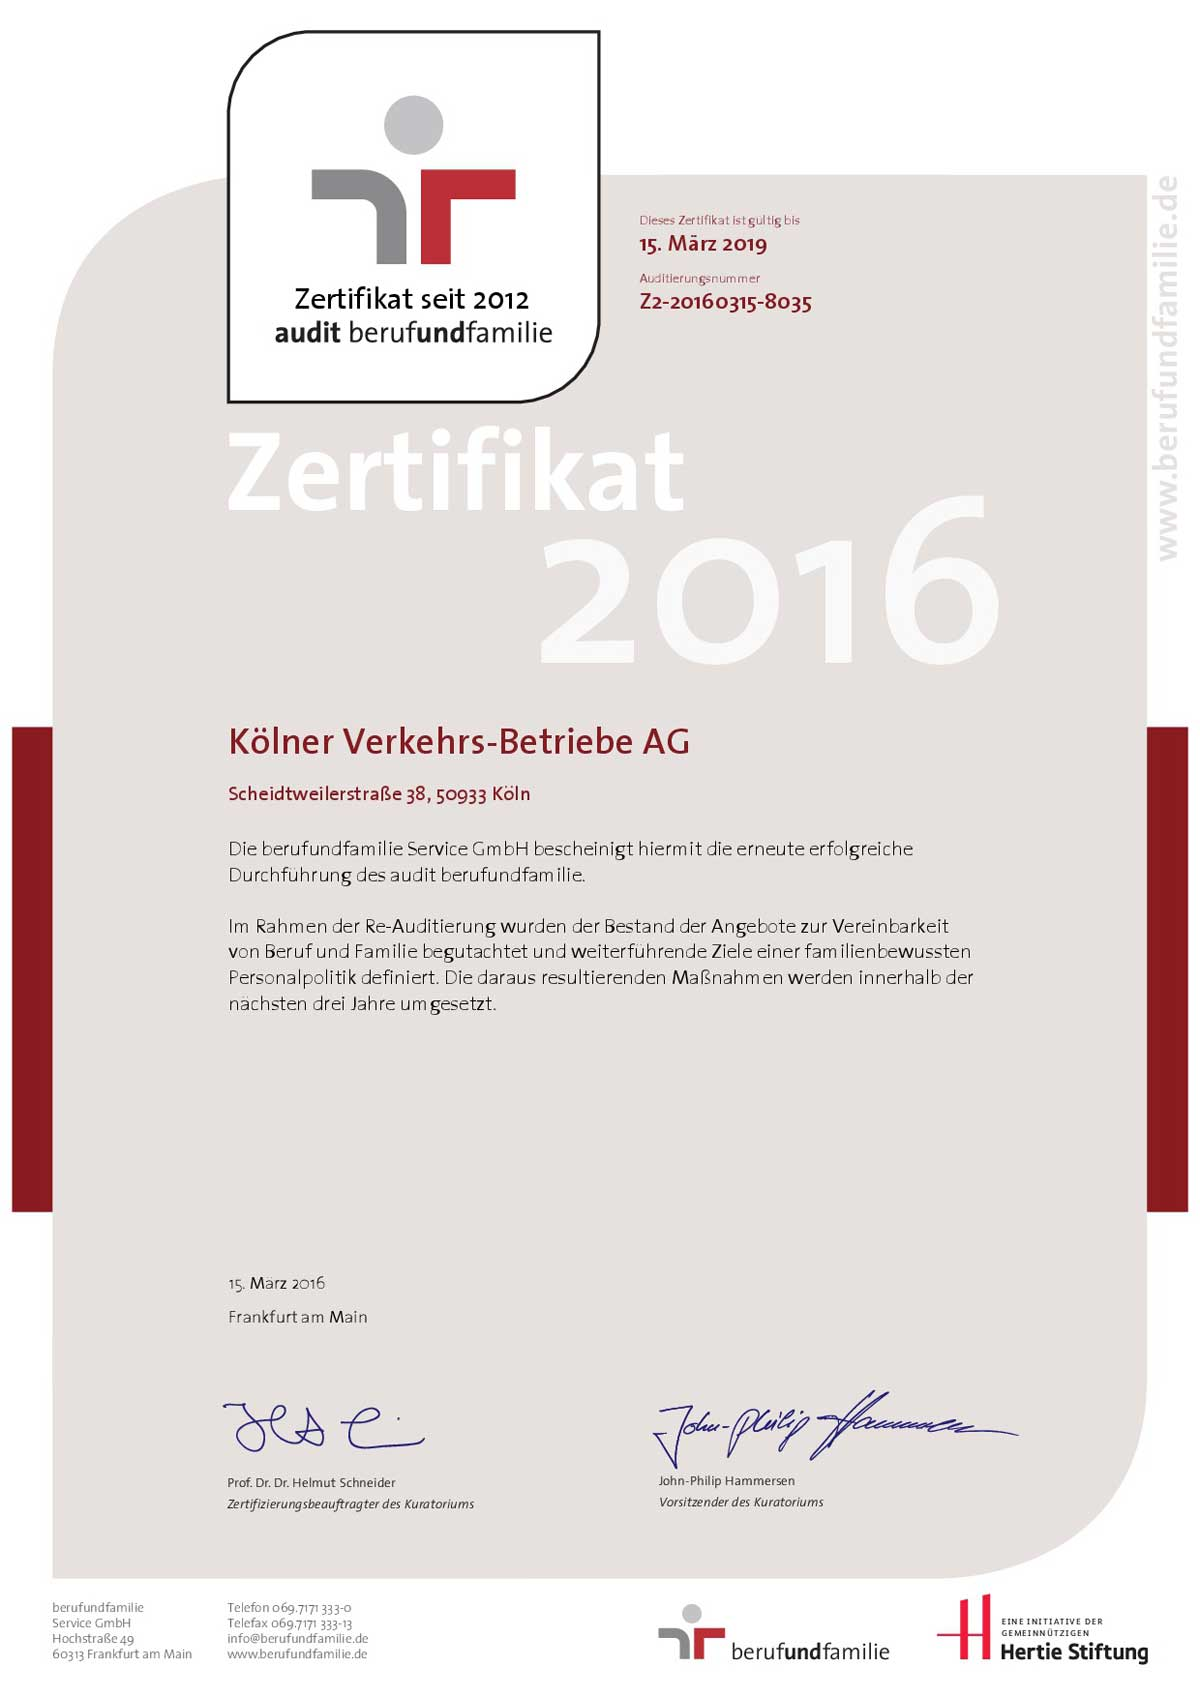 Zertifikat des zweiten Audits, das der KVB am 23. Juni verliehen wurde.